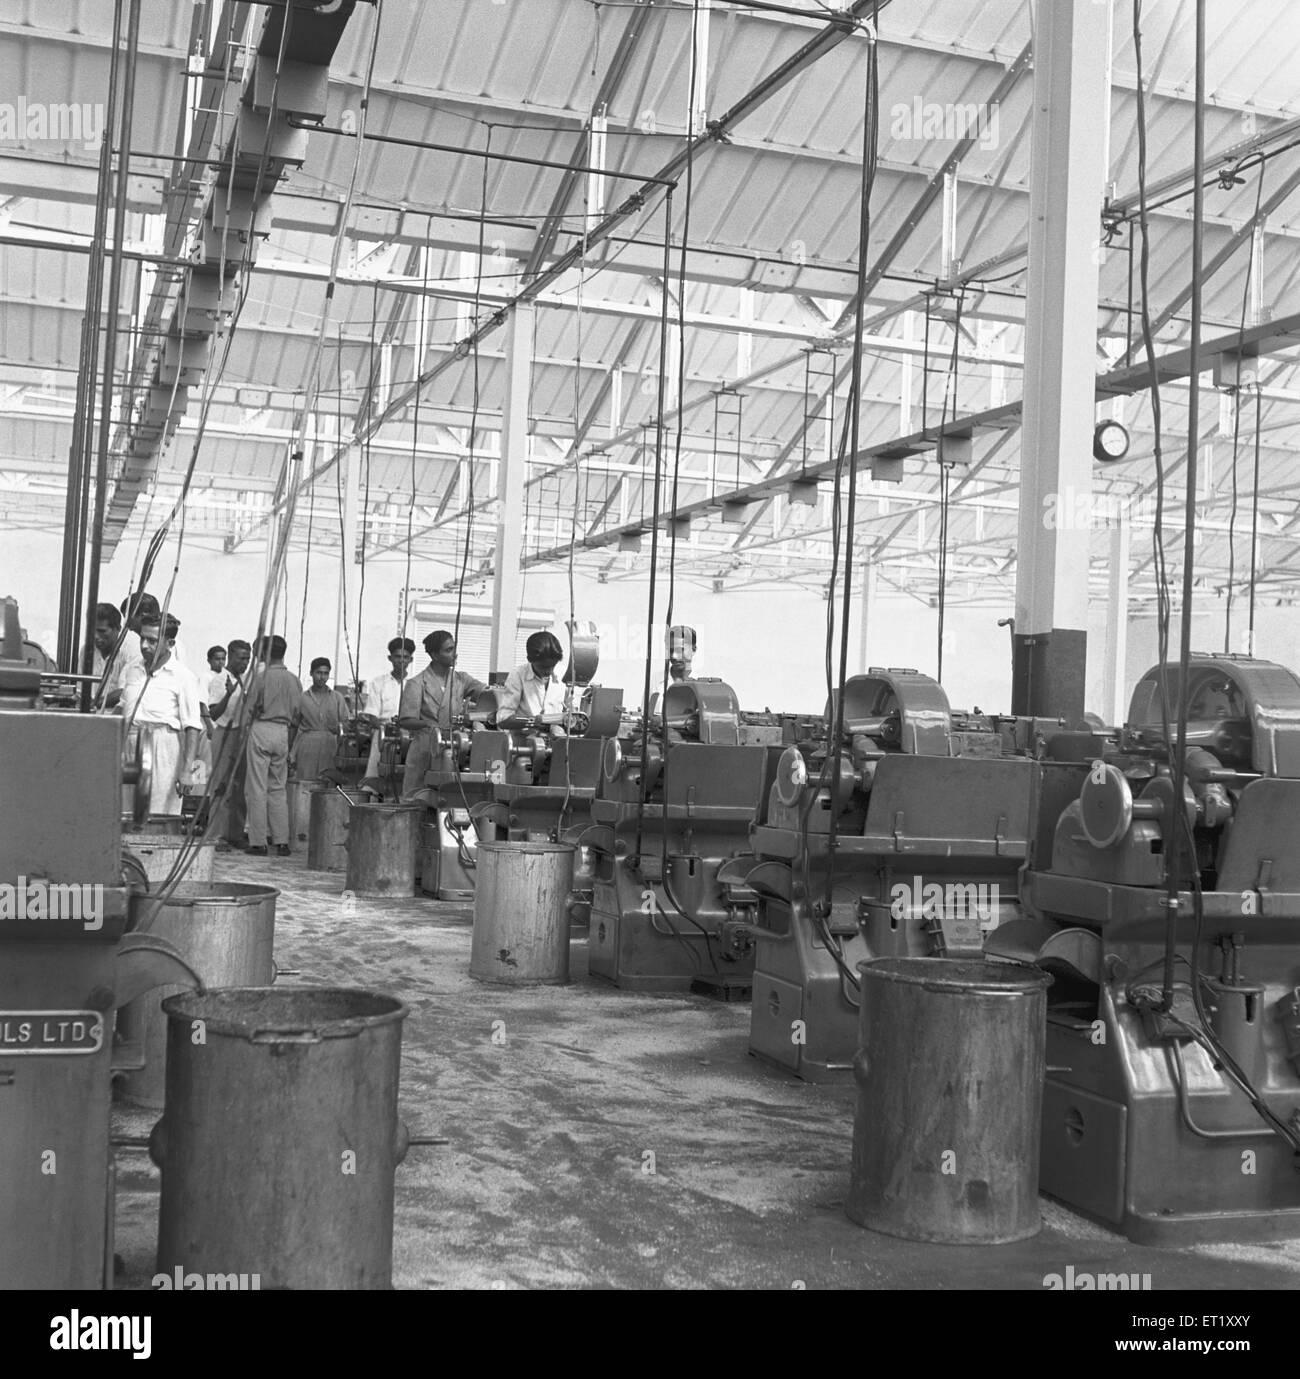 Interno del telefono factory ; la fabbricazione di apparecchi telefonici a Bangalore ; Karnataka ; India Immagini Stock